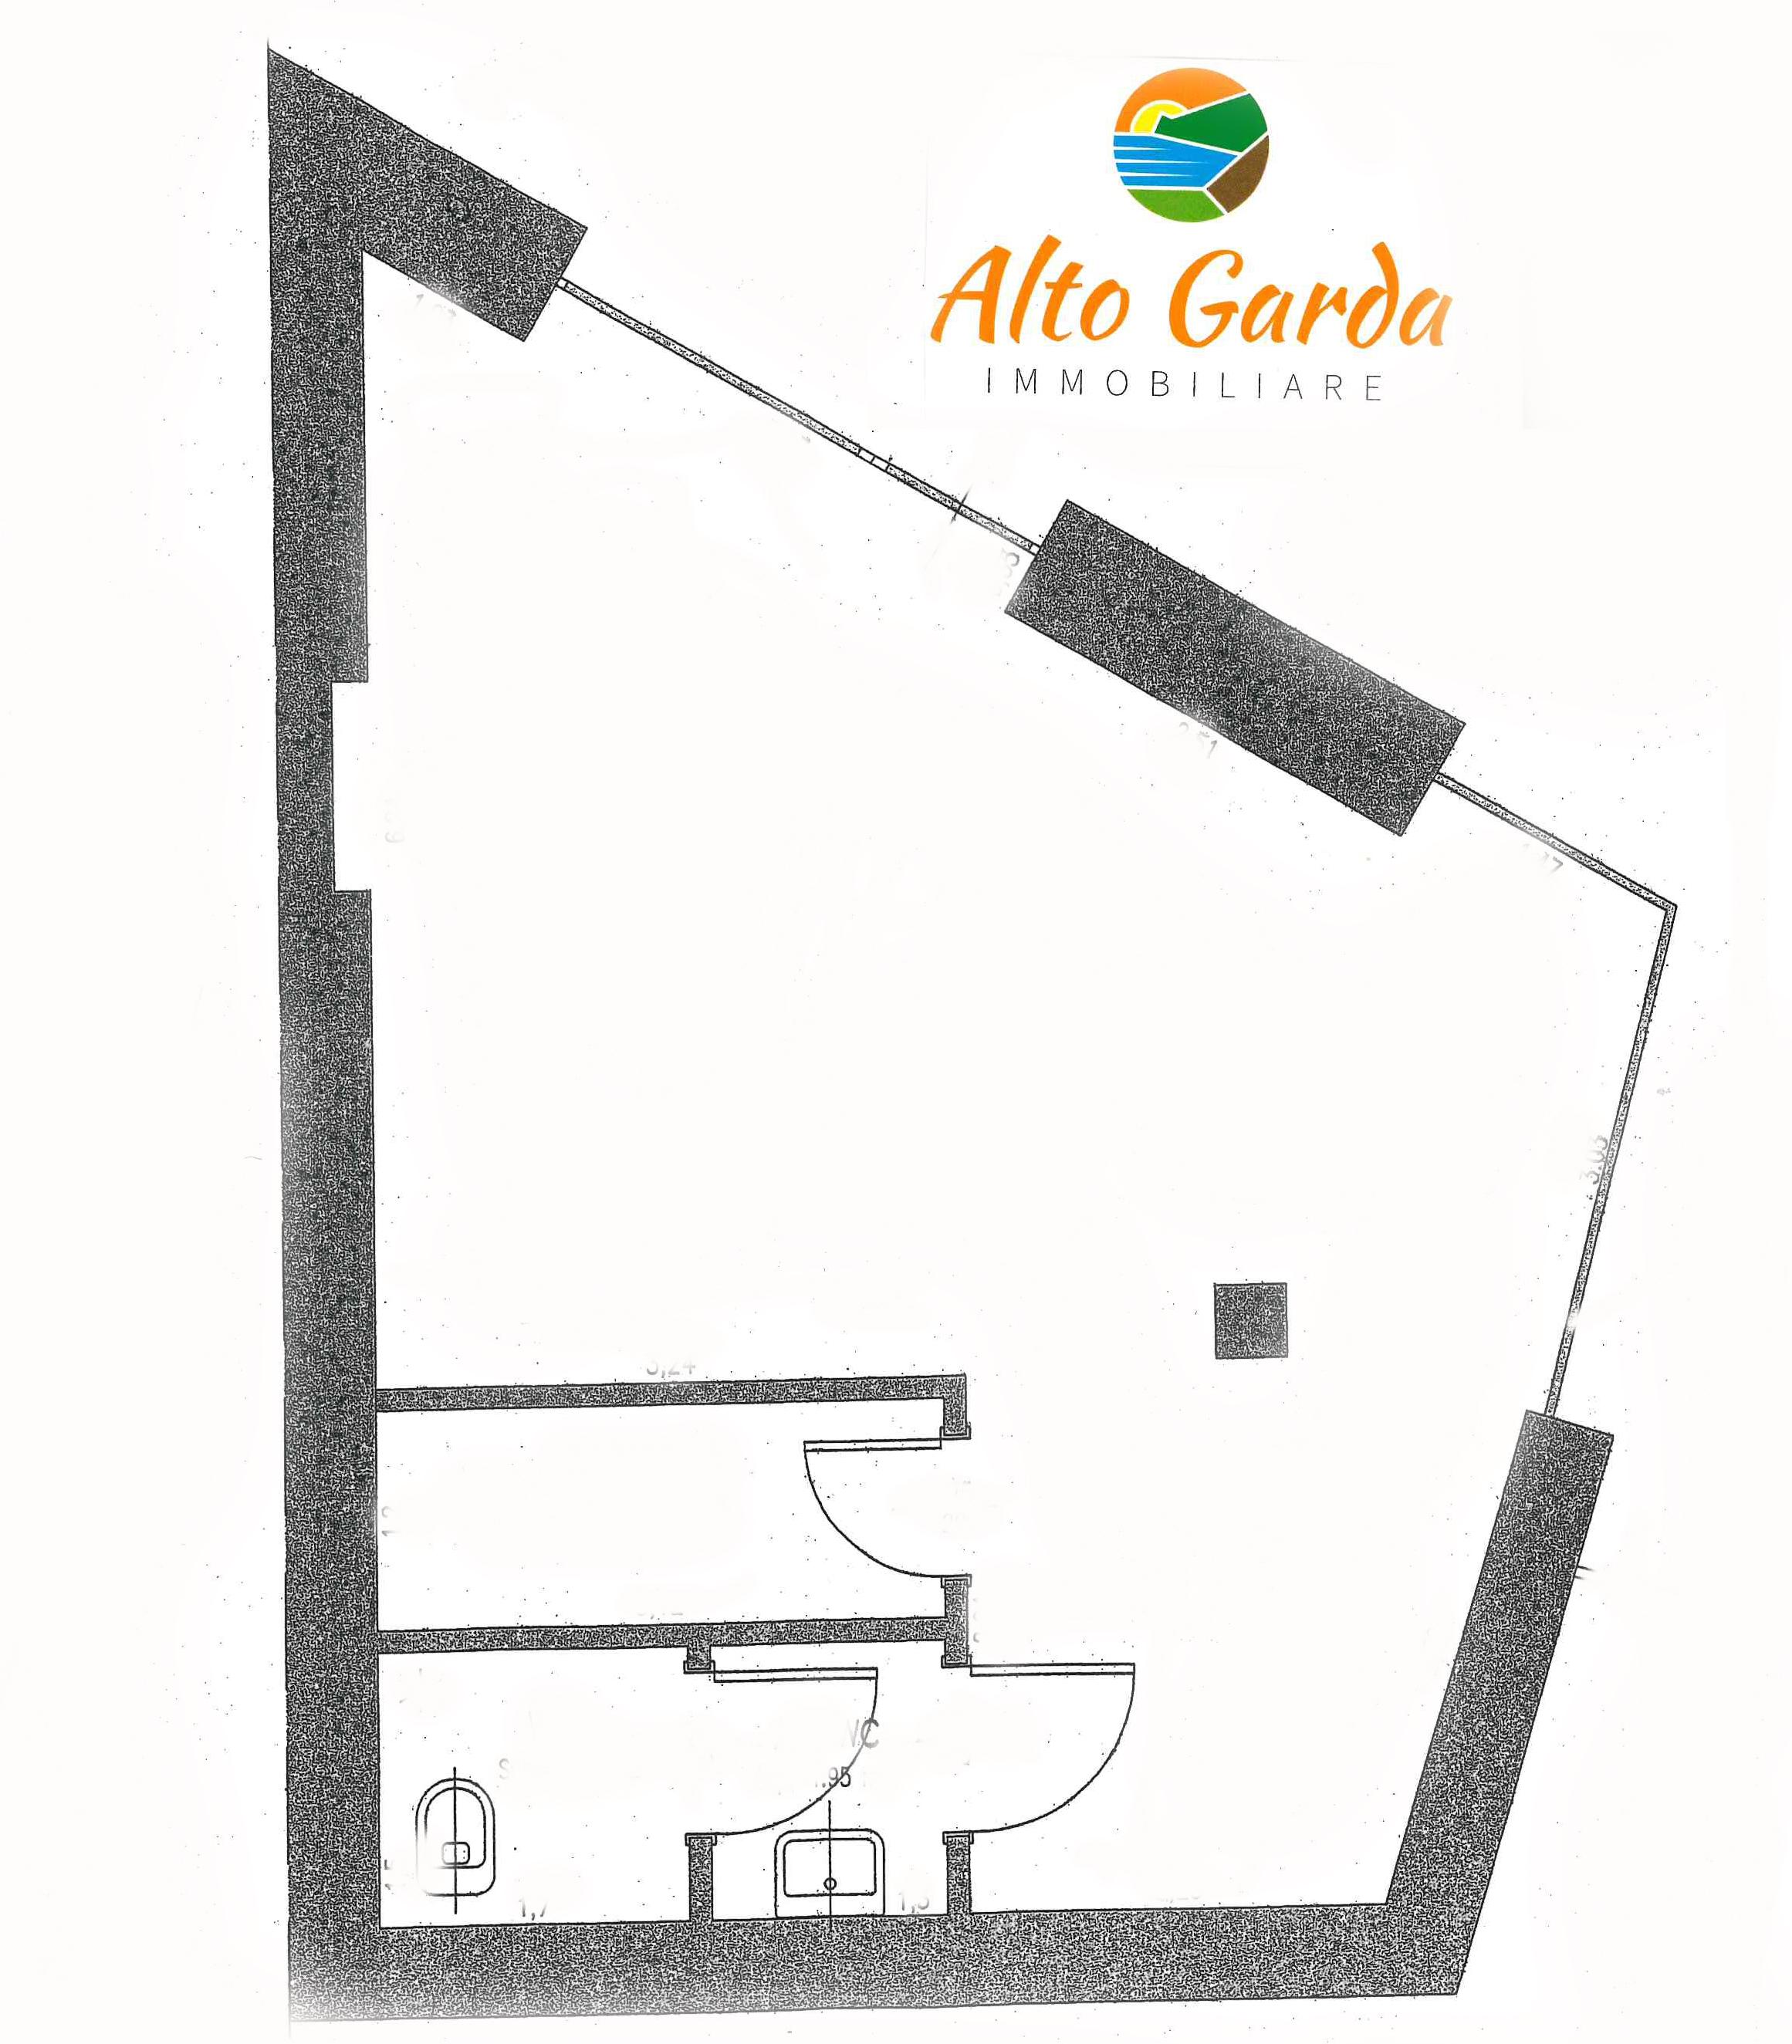 Piano terra - Alto Garda Immobiliare